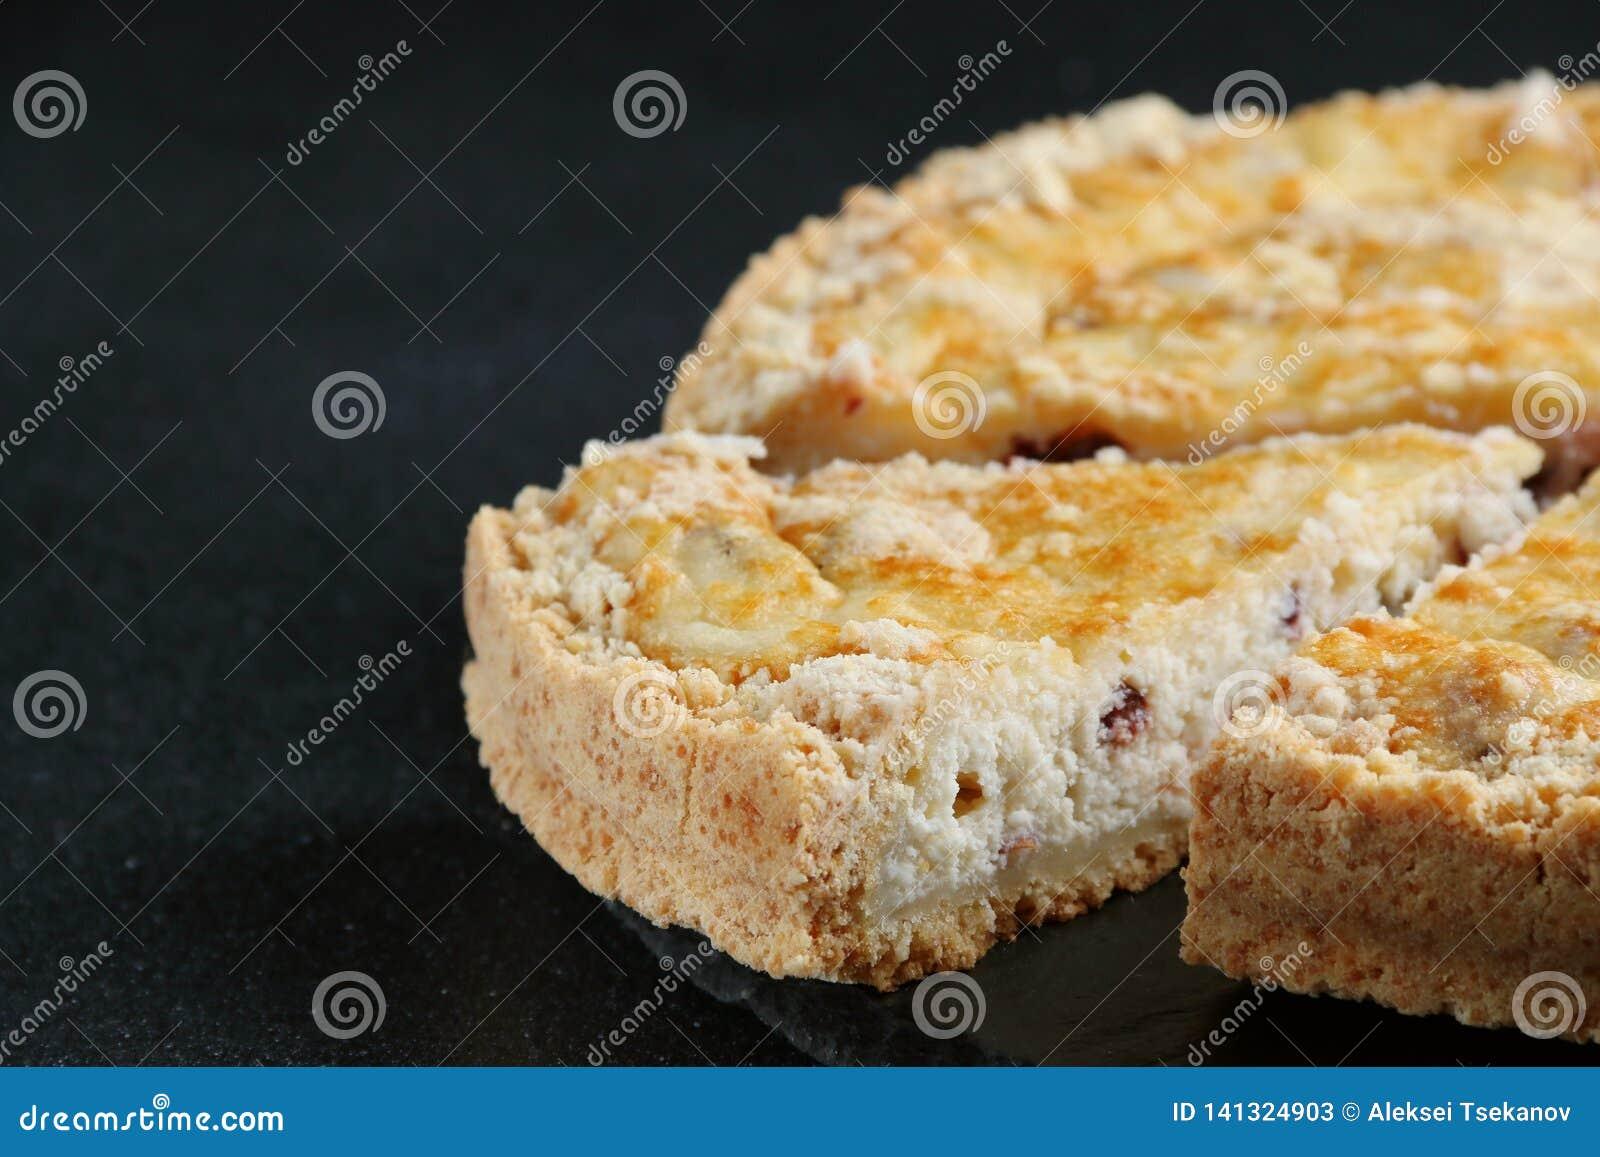 Cheesecake z chałupa serem zamkniętym w górę ciemnego tła na